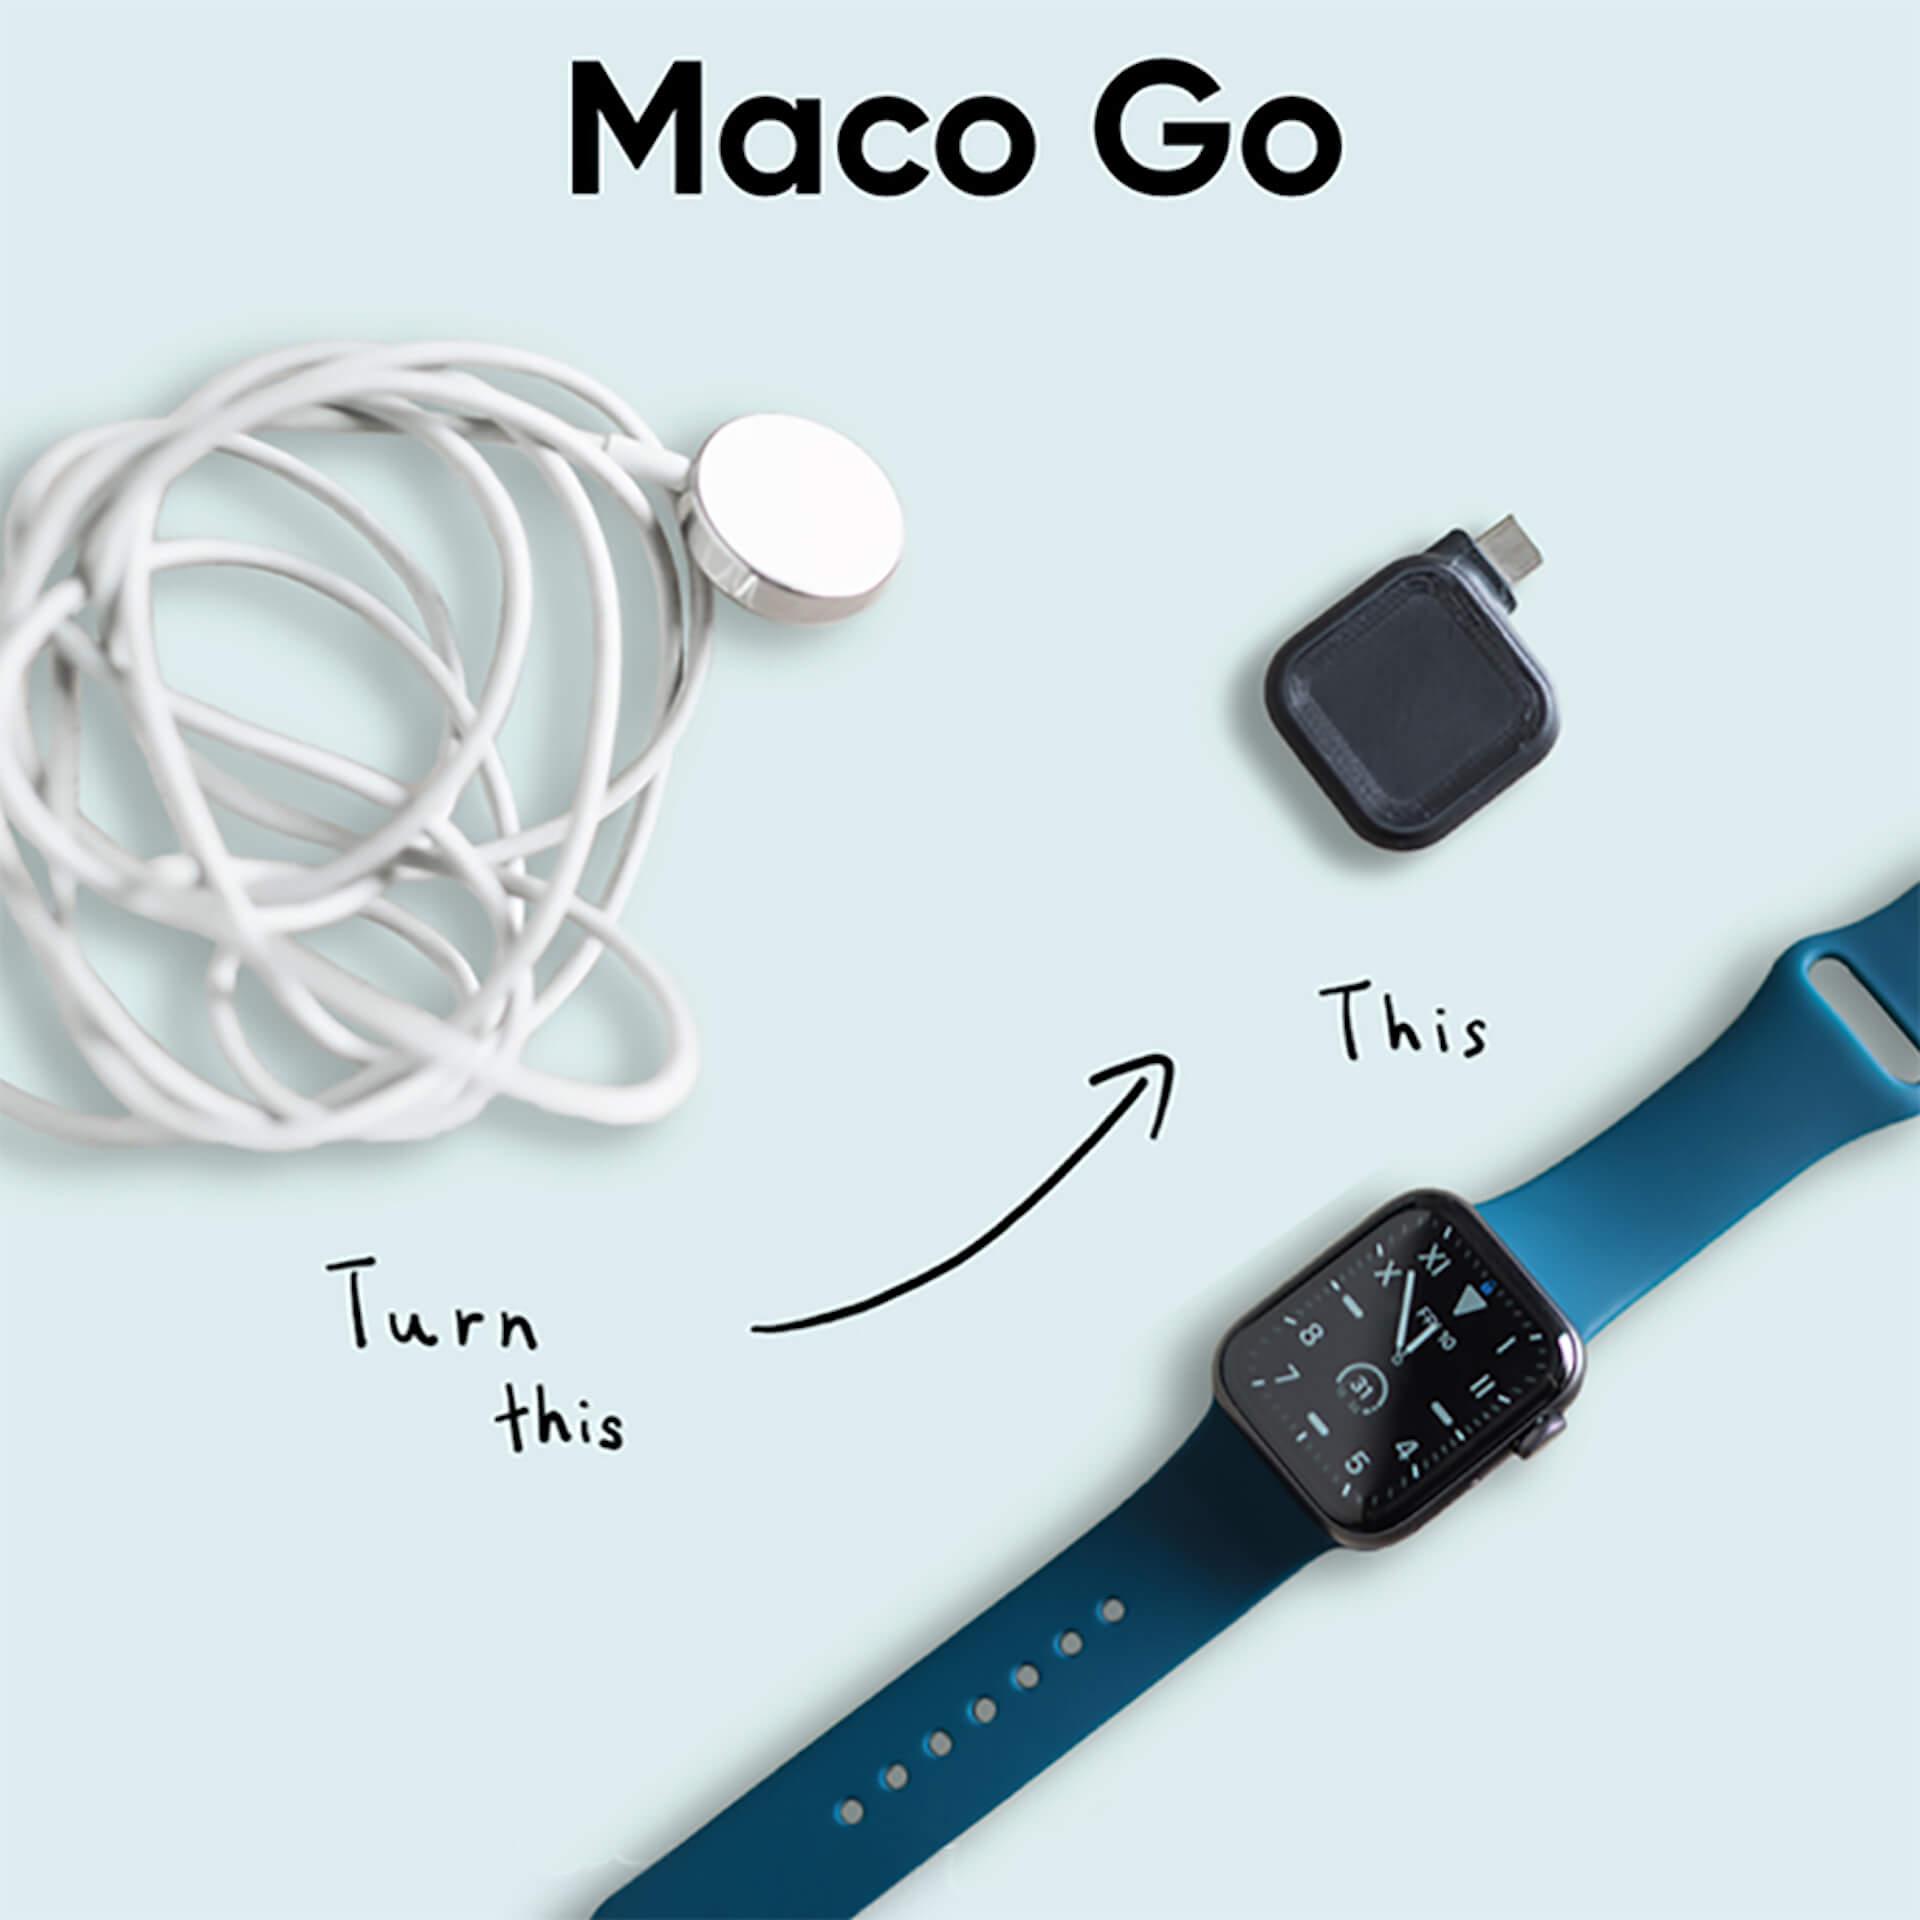 コインサイズのApple Watch専用充電器「MACO GO」がクラウドファンディング「Makuake」に登場! tech200624_macogo_17